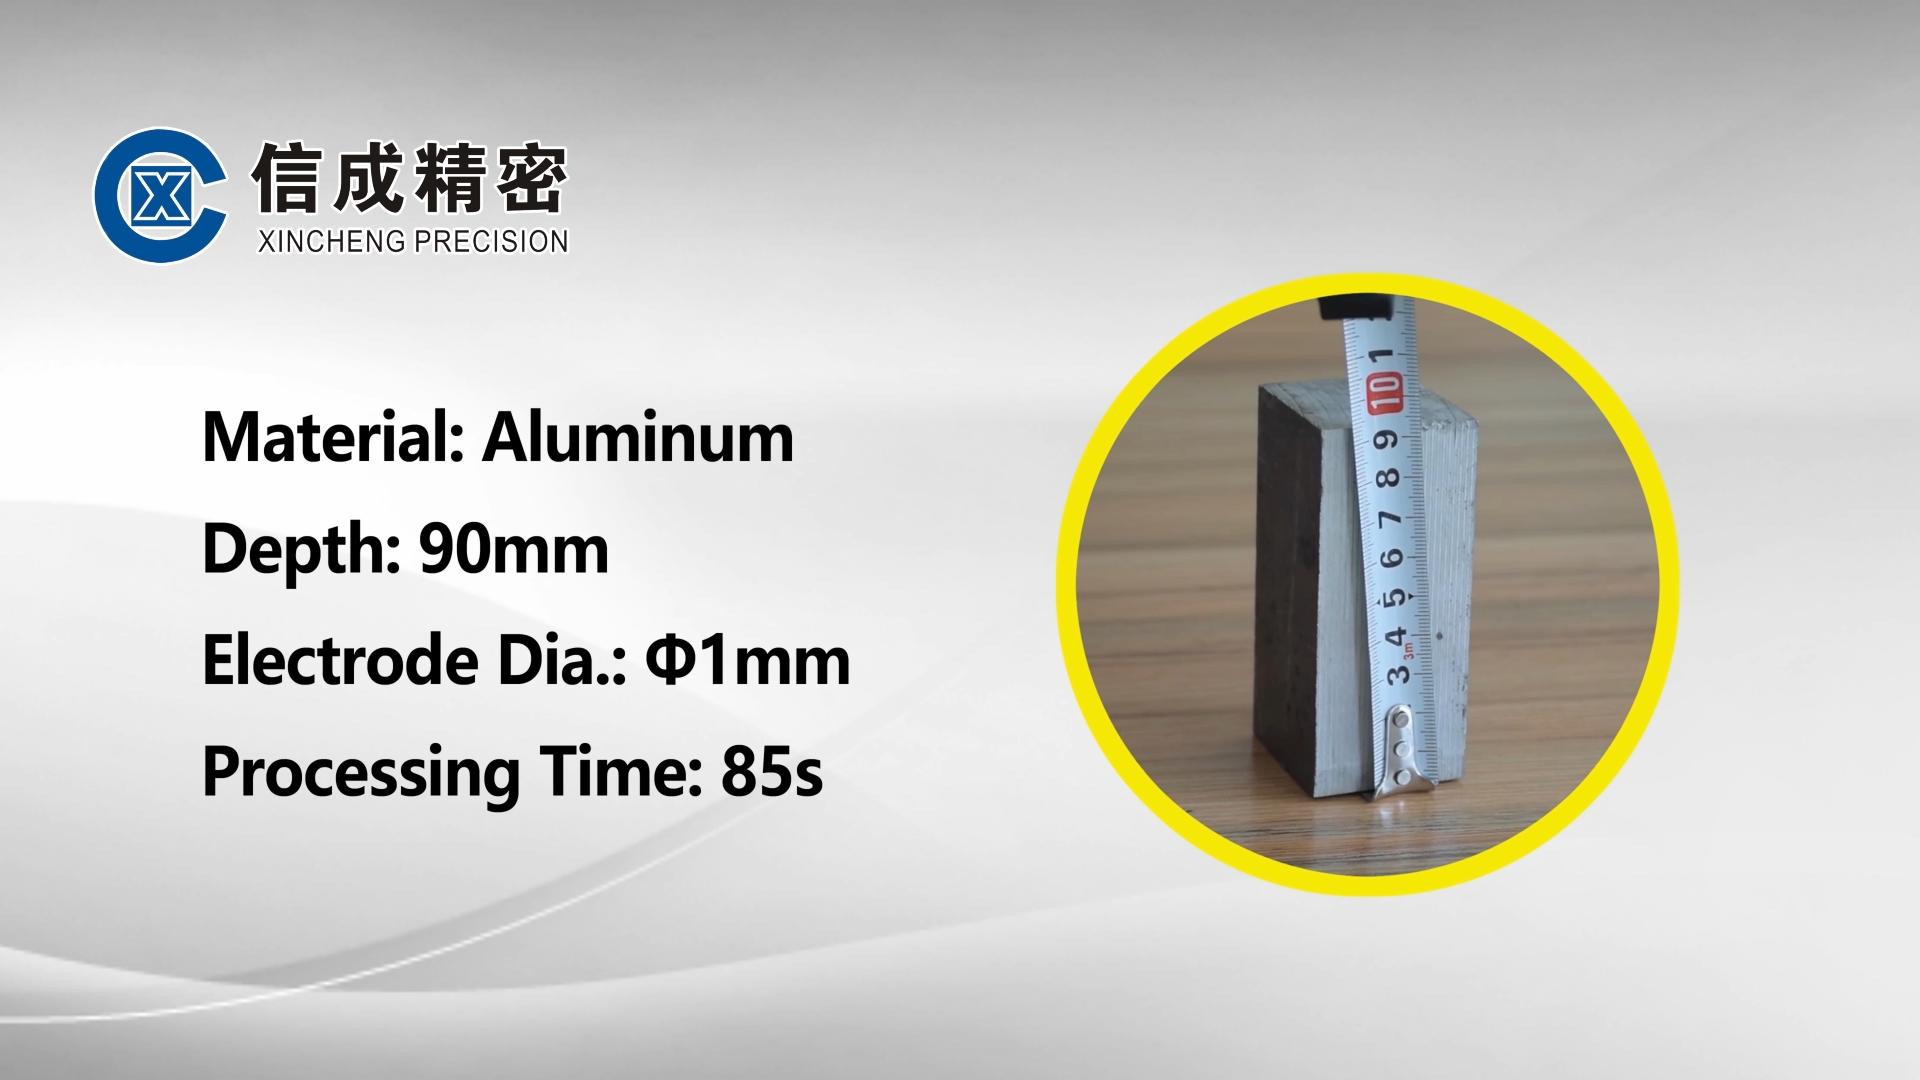 DK-908 da máquina de perfuração EDM-alumínio (90mm / Φ1.0mm / 85s)